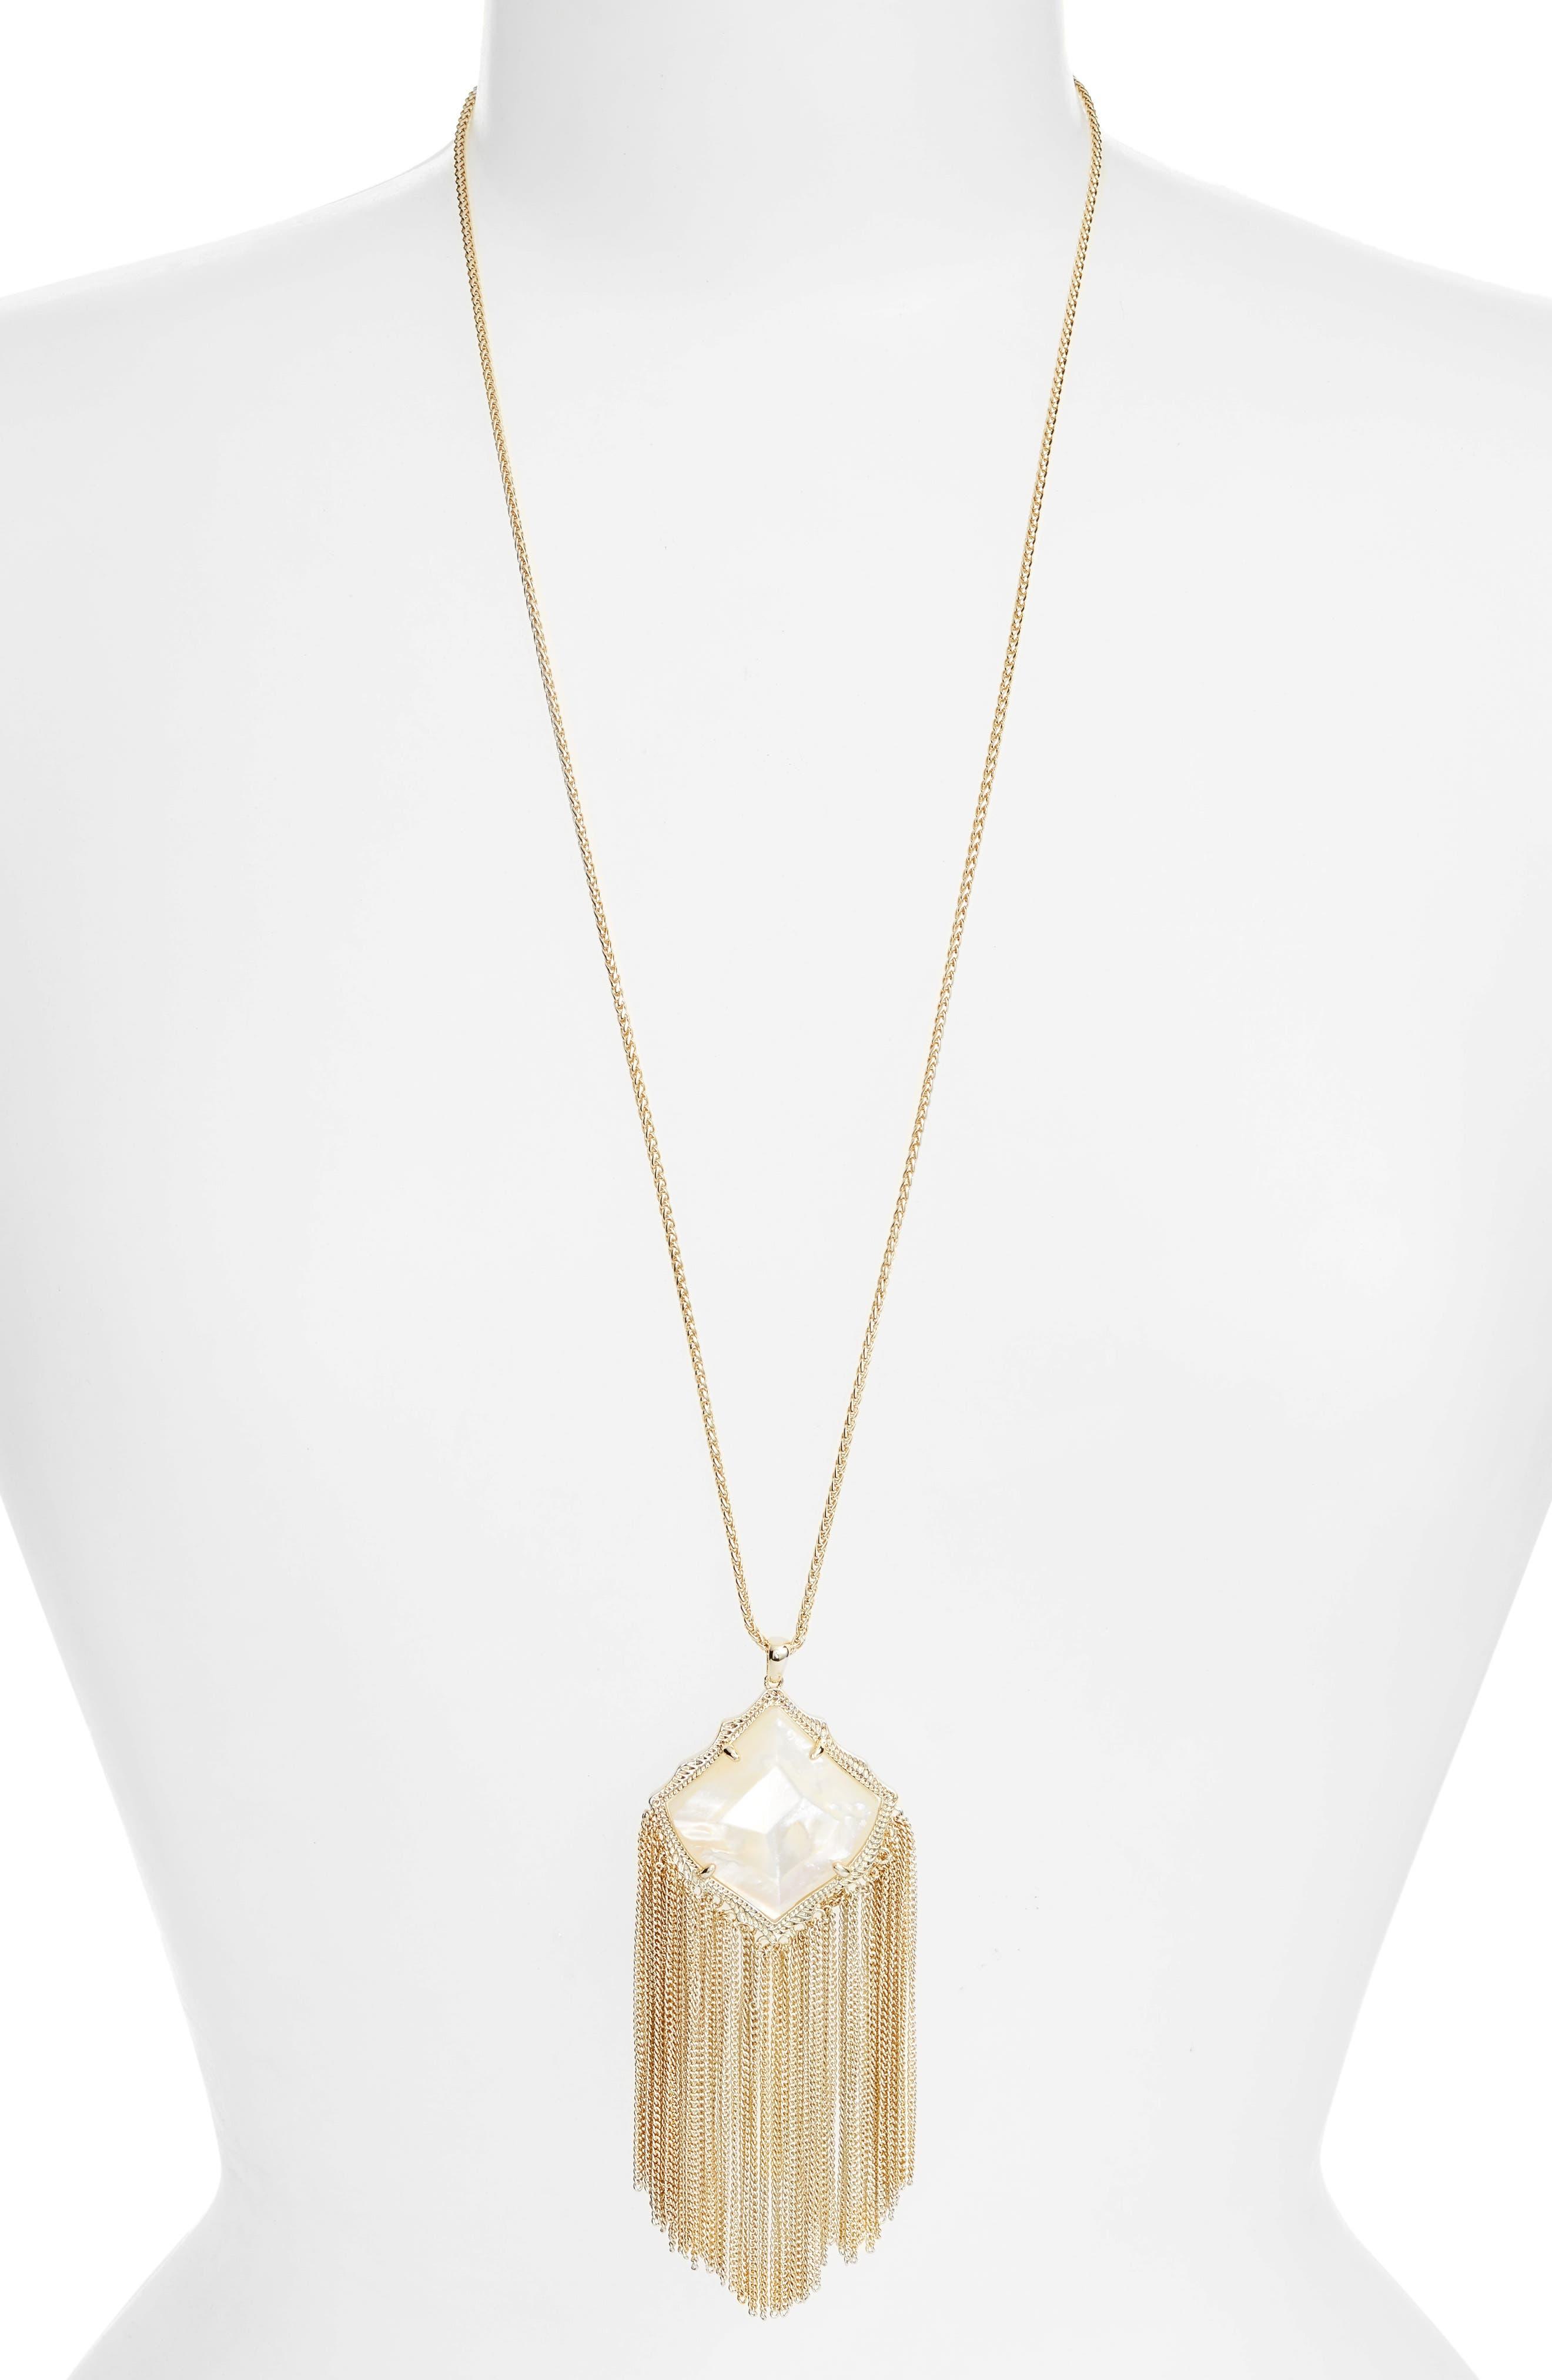 Kendra Scott Kingston Pendant Necklace